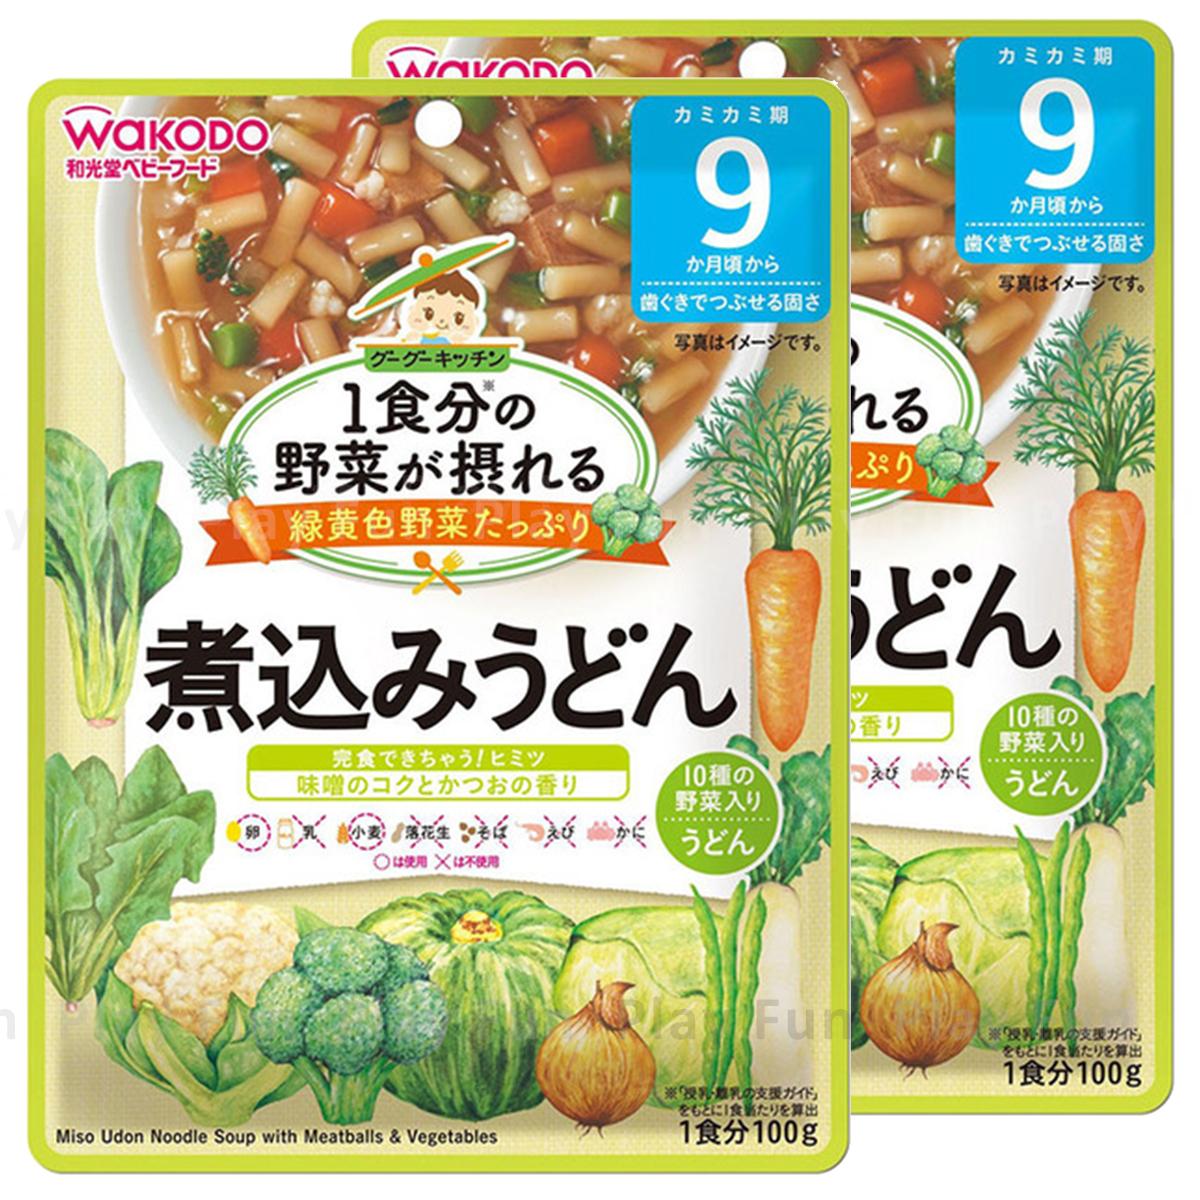 『超值套裝』雜菜煮烏冬 100g [9個月或以上嬰兒食用] x 2包  (4987244192172_2)